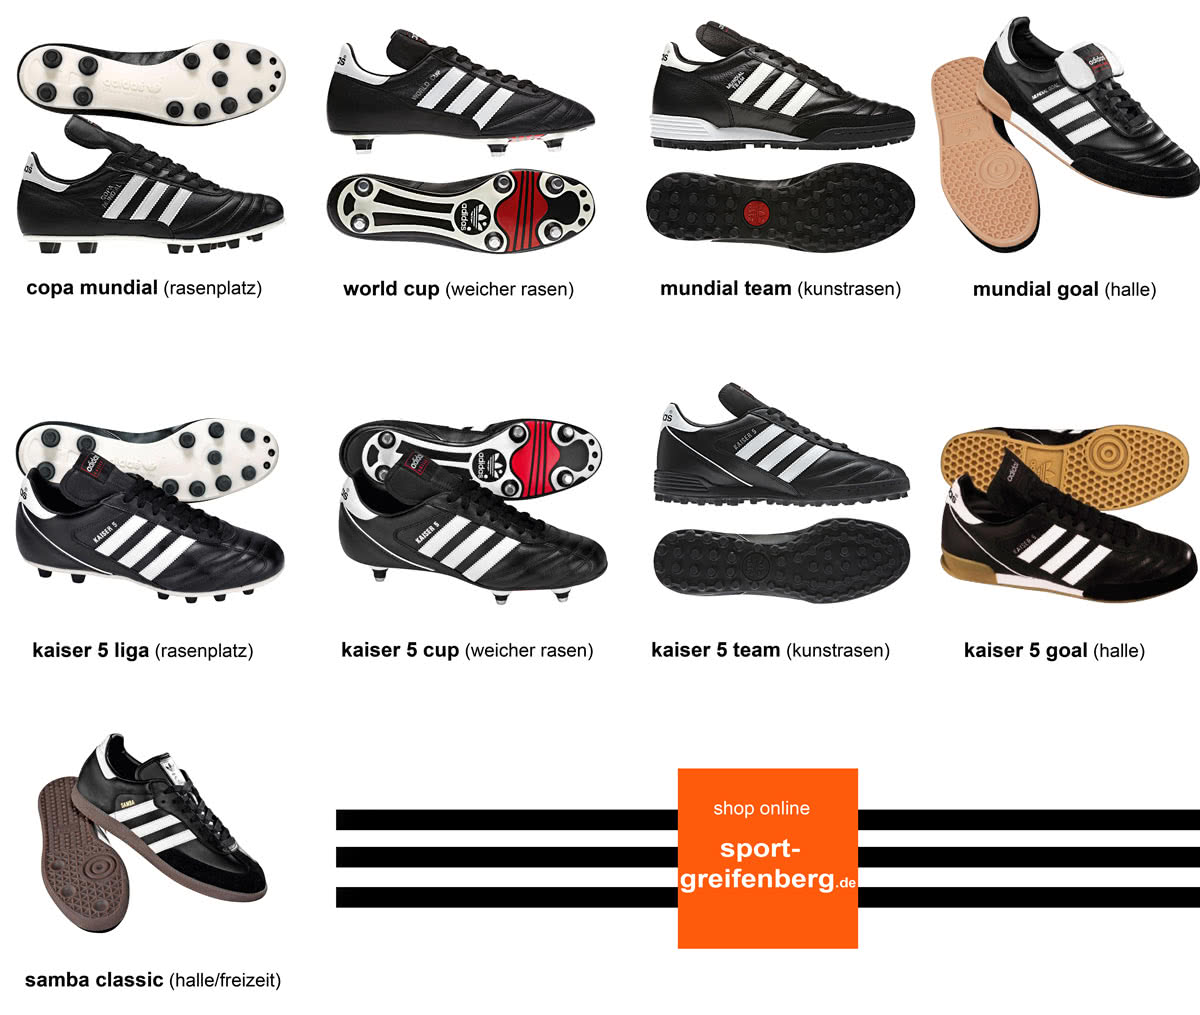 Die Klassiker der Adidas Fußballschuhe - Sportartikel und Fussballschuhe  News✓